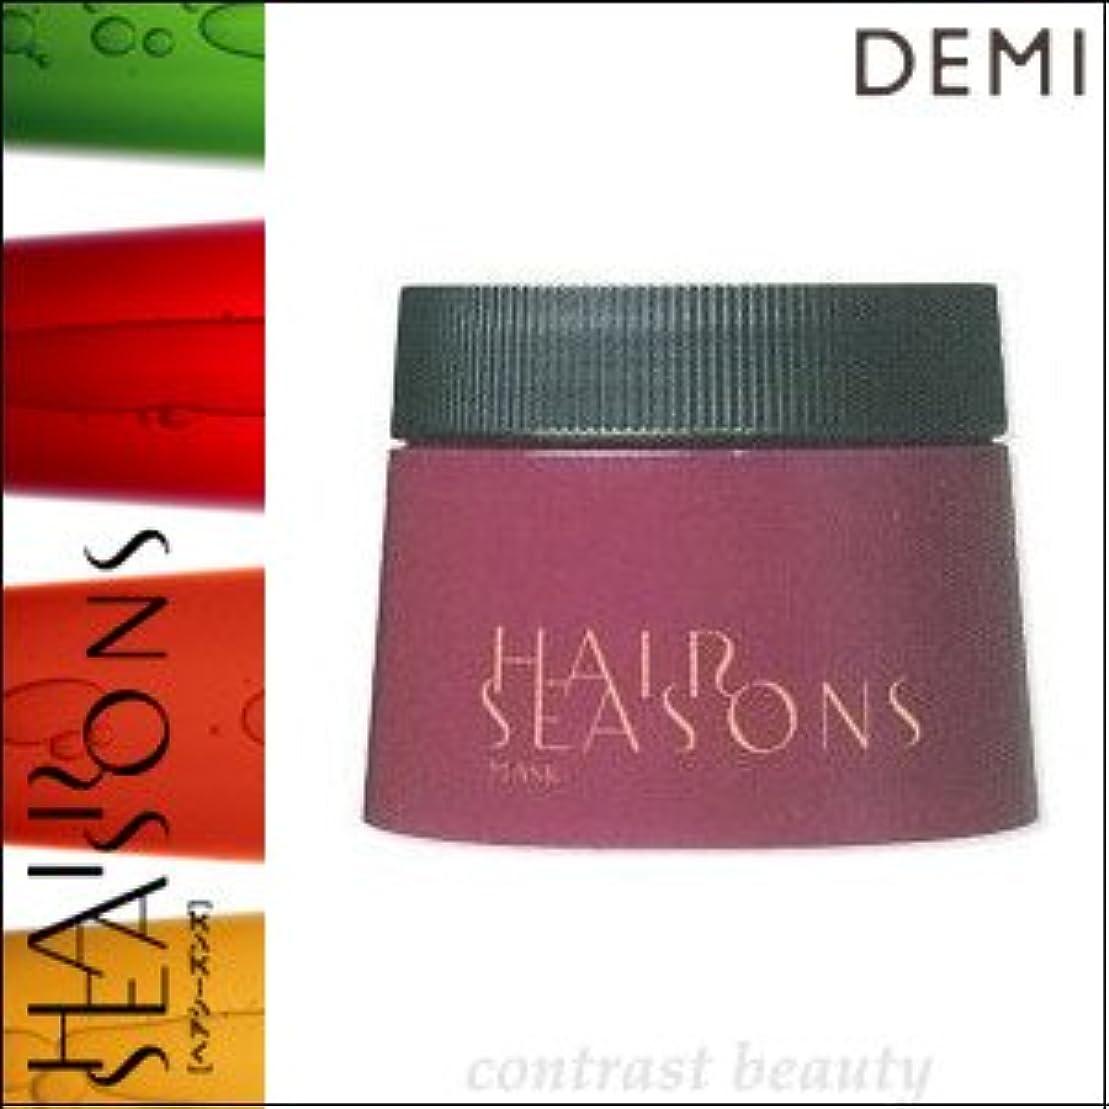 浴室昨日しなやかな【X3個セット】 デミ ヘアシーズンズ マスク 250g DEMI HAIR SEASONS